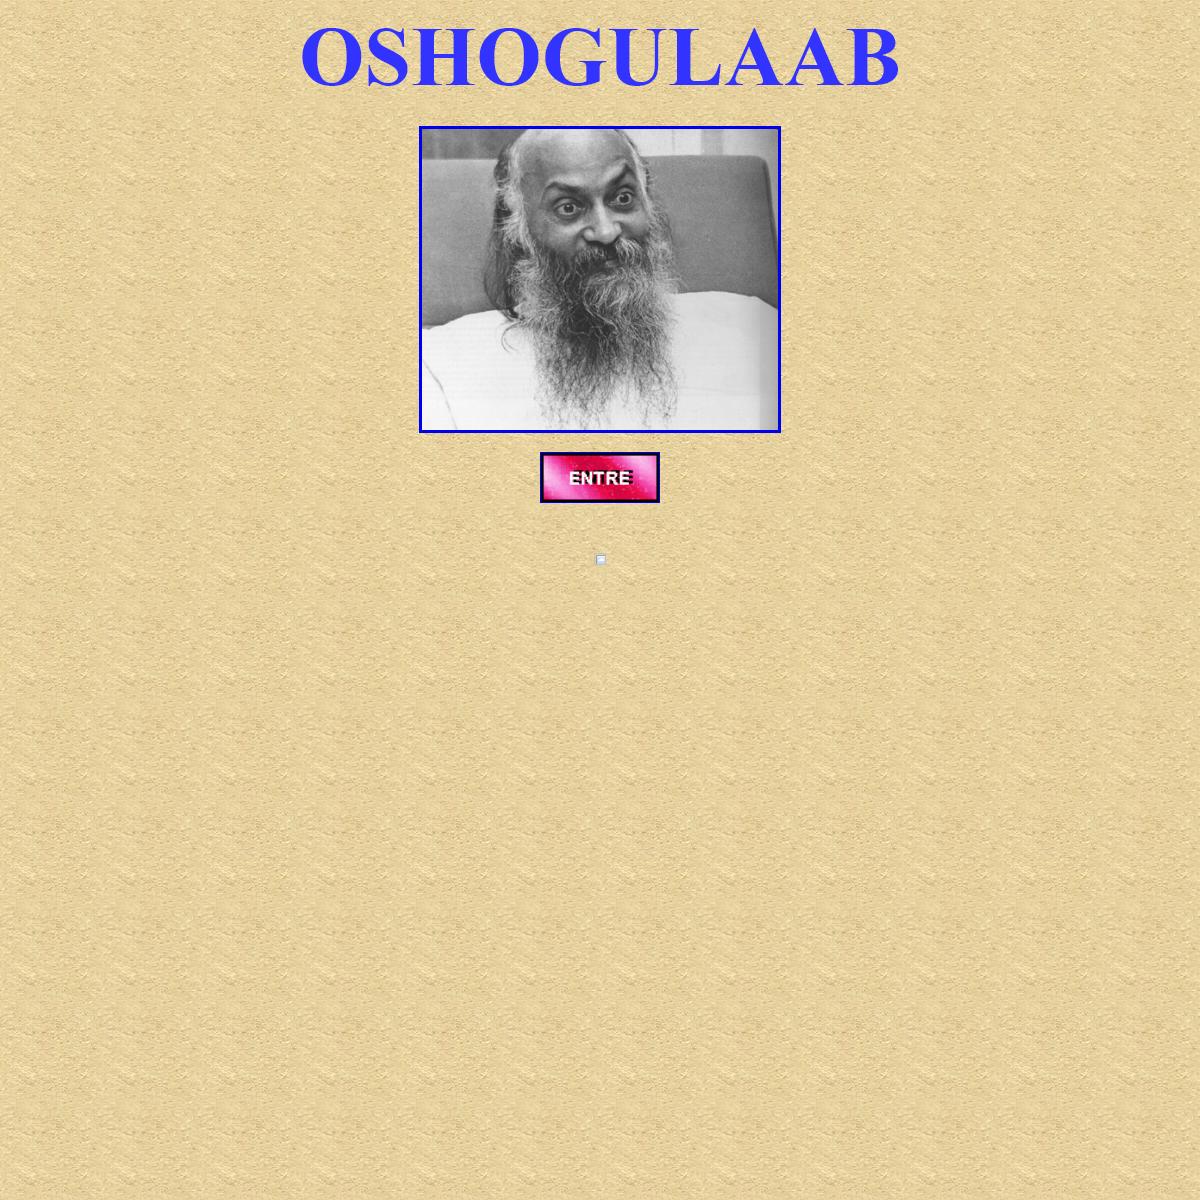 Osho y otros maestros espirituales en espa�ol- sus libros, sus meditaciones, sus m�sicas